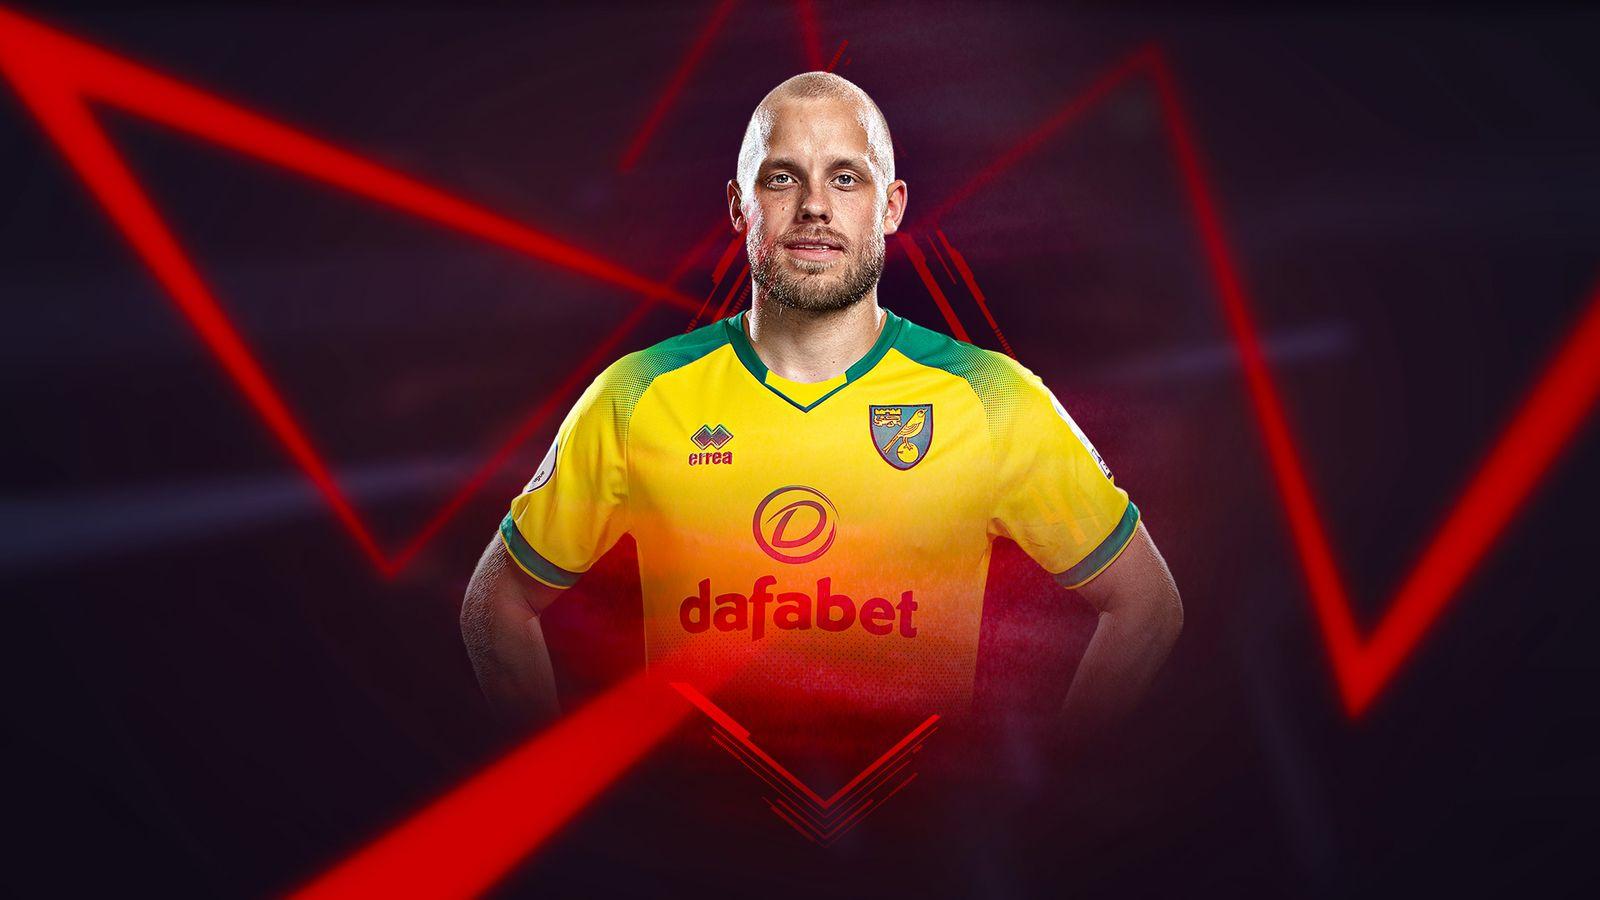 Norwich City striker Teemu Pukki tops Premier League Power